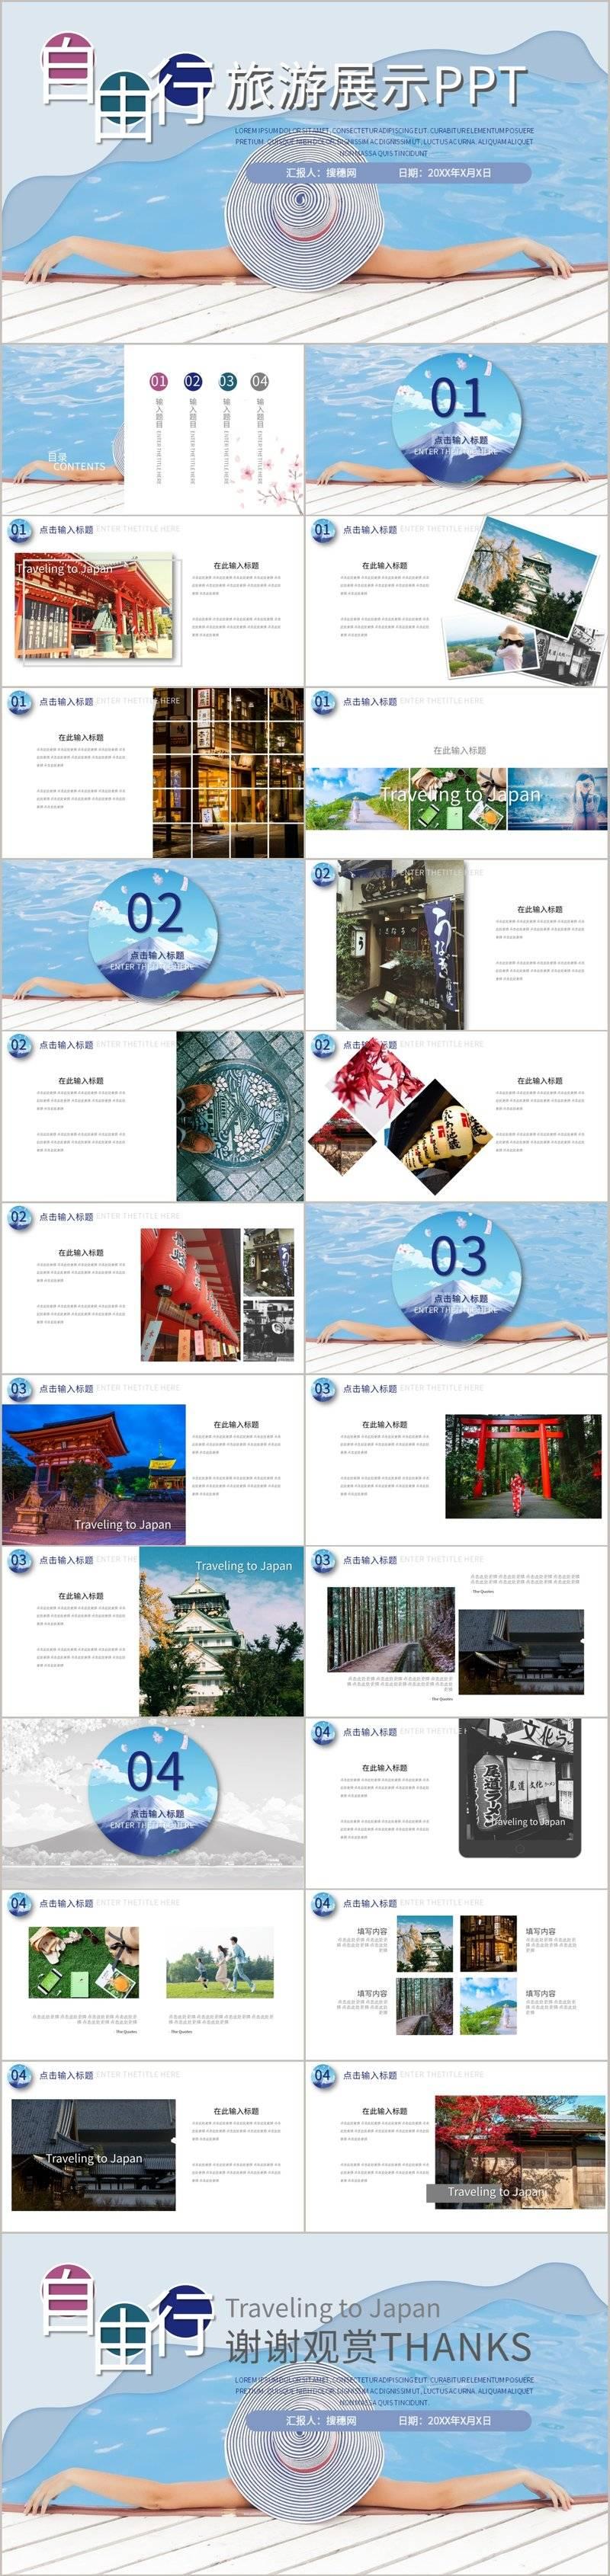 自由自在旅游季风景拍摄分享展示宣传画册PPT模板